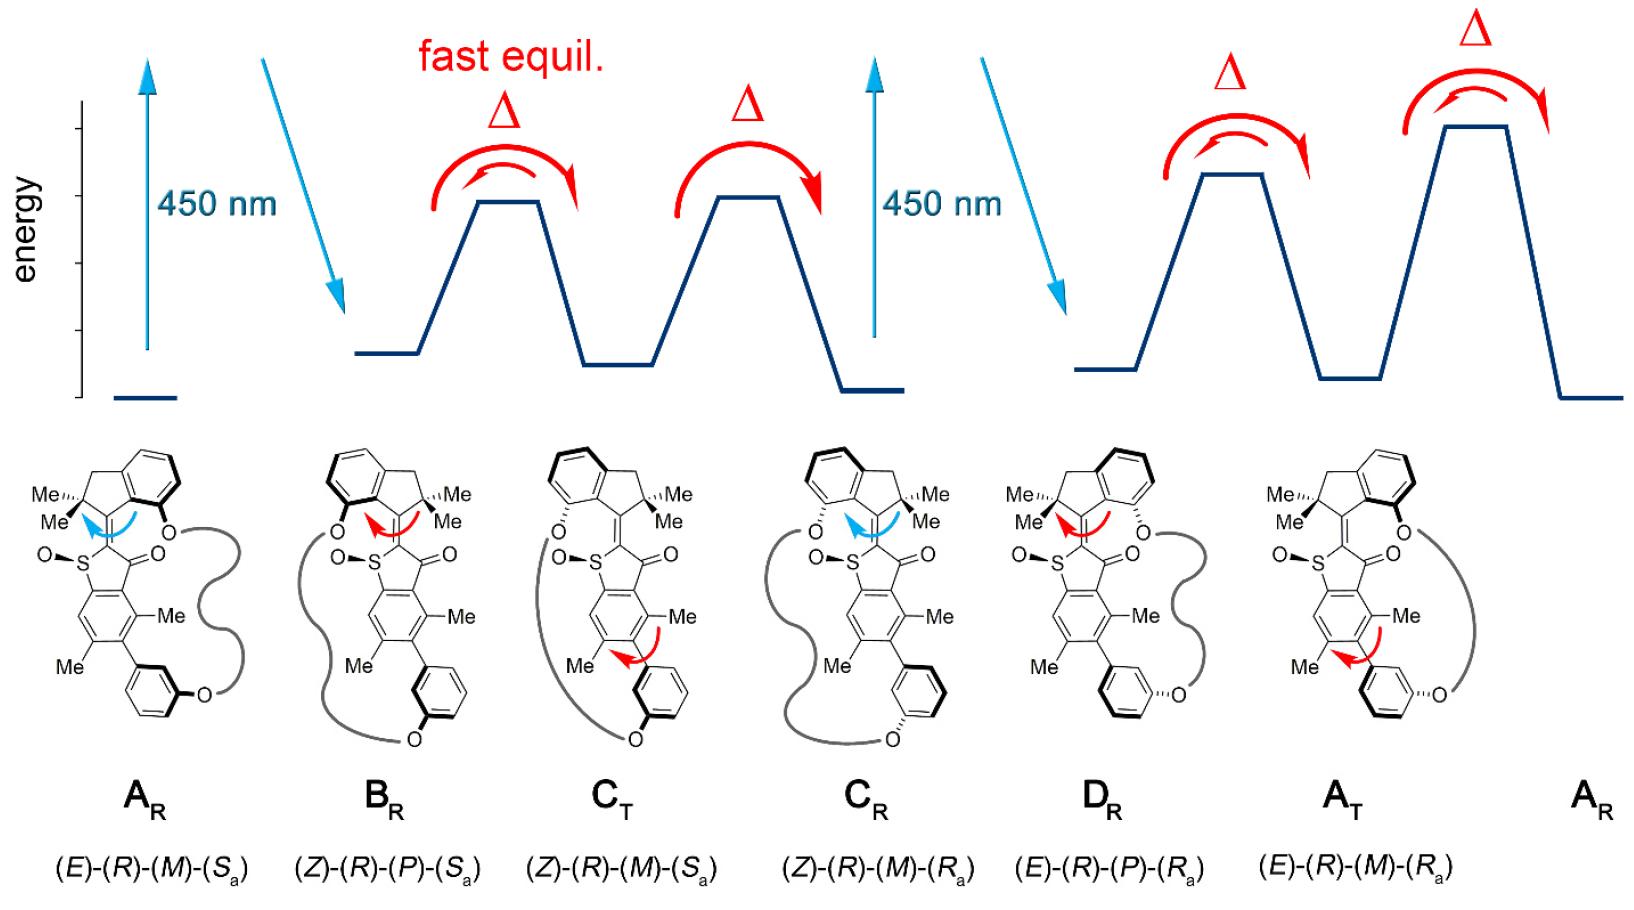 Синхронное фуэте: биологические моторы в нанотехнологиях - 3